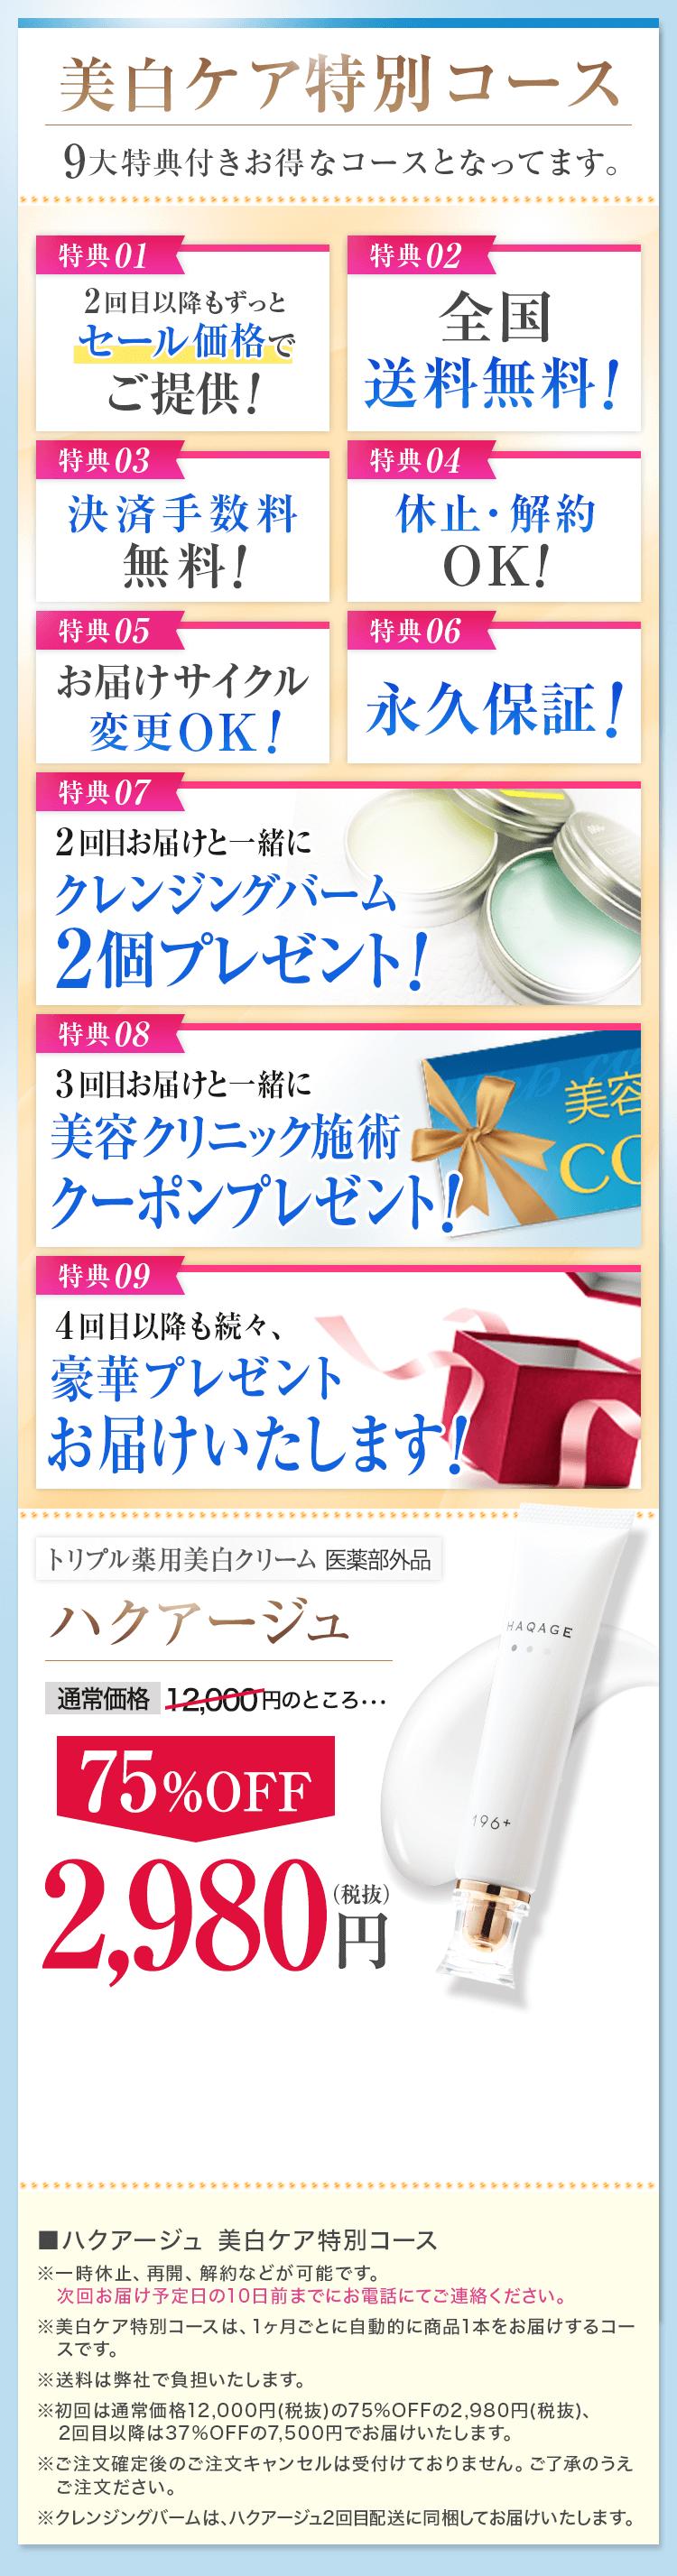 美白ケア特別コース 9大特典付き 75%OFF2,980円